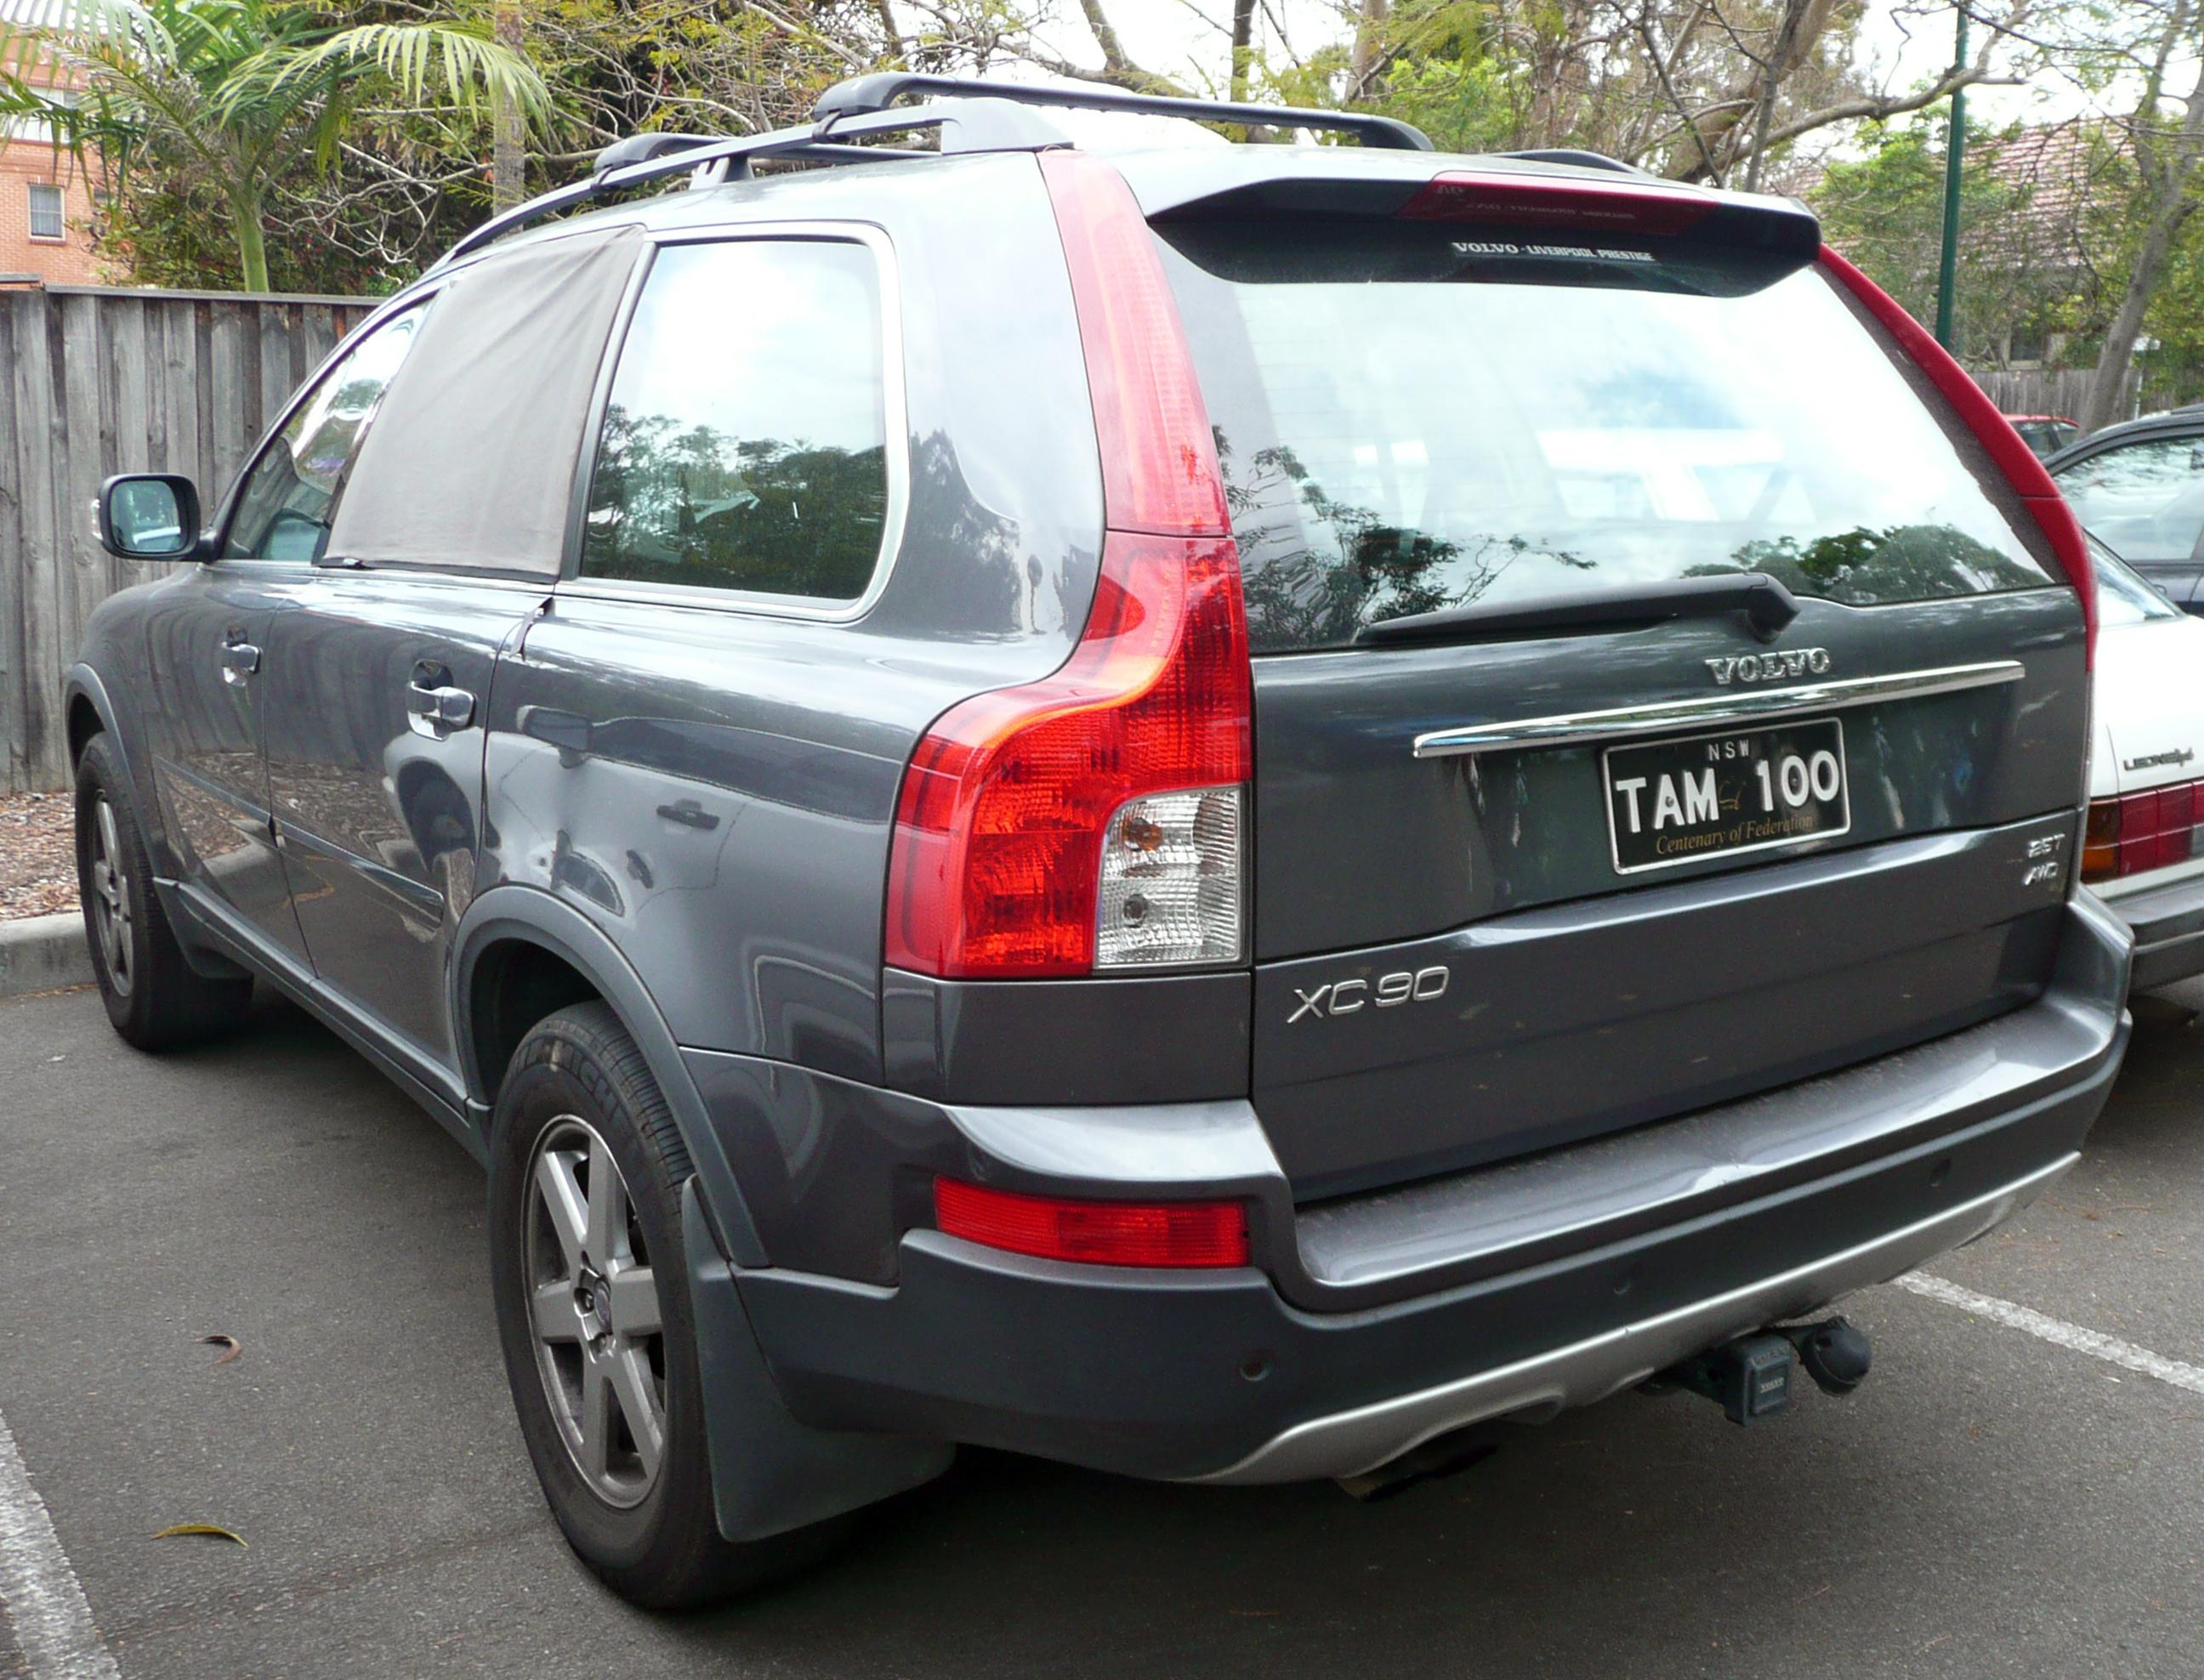 2006 Volvo Xc90 >> 2007 VOLVO XC90 - Image #17